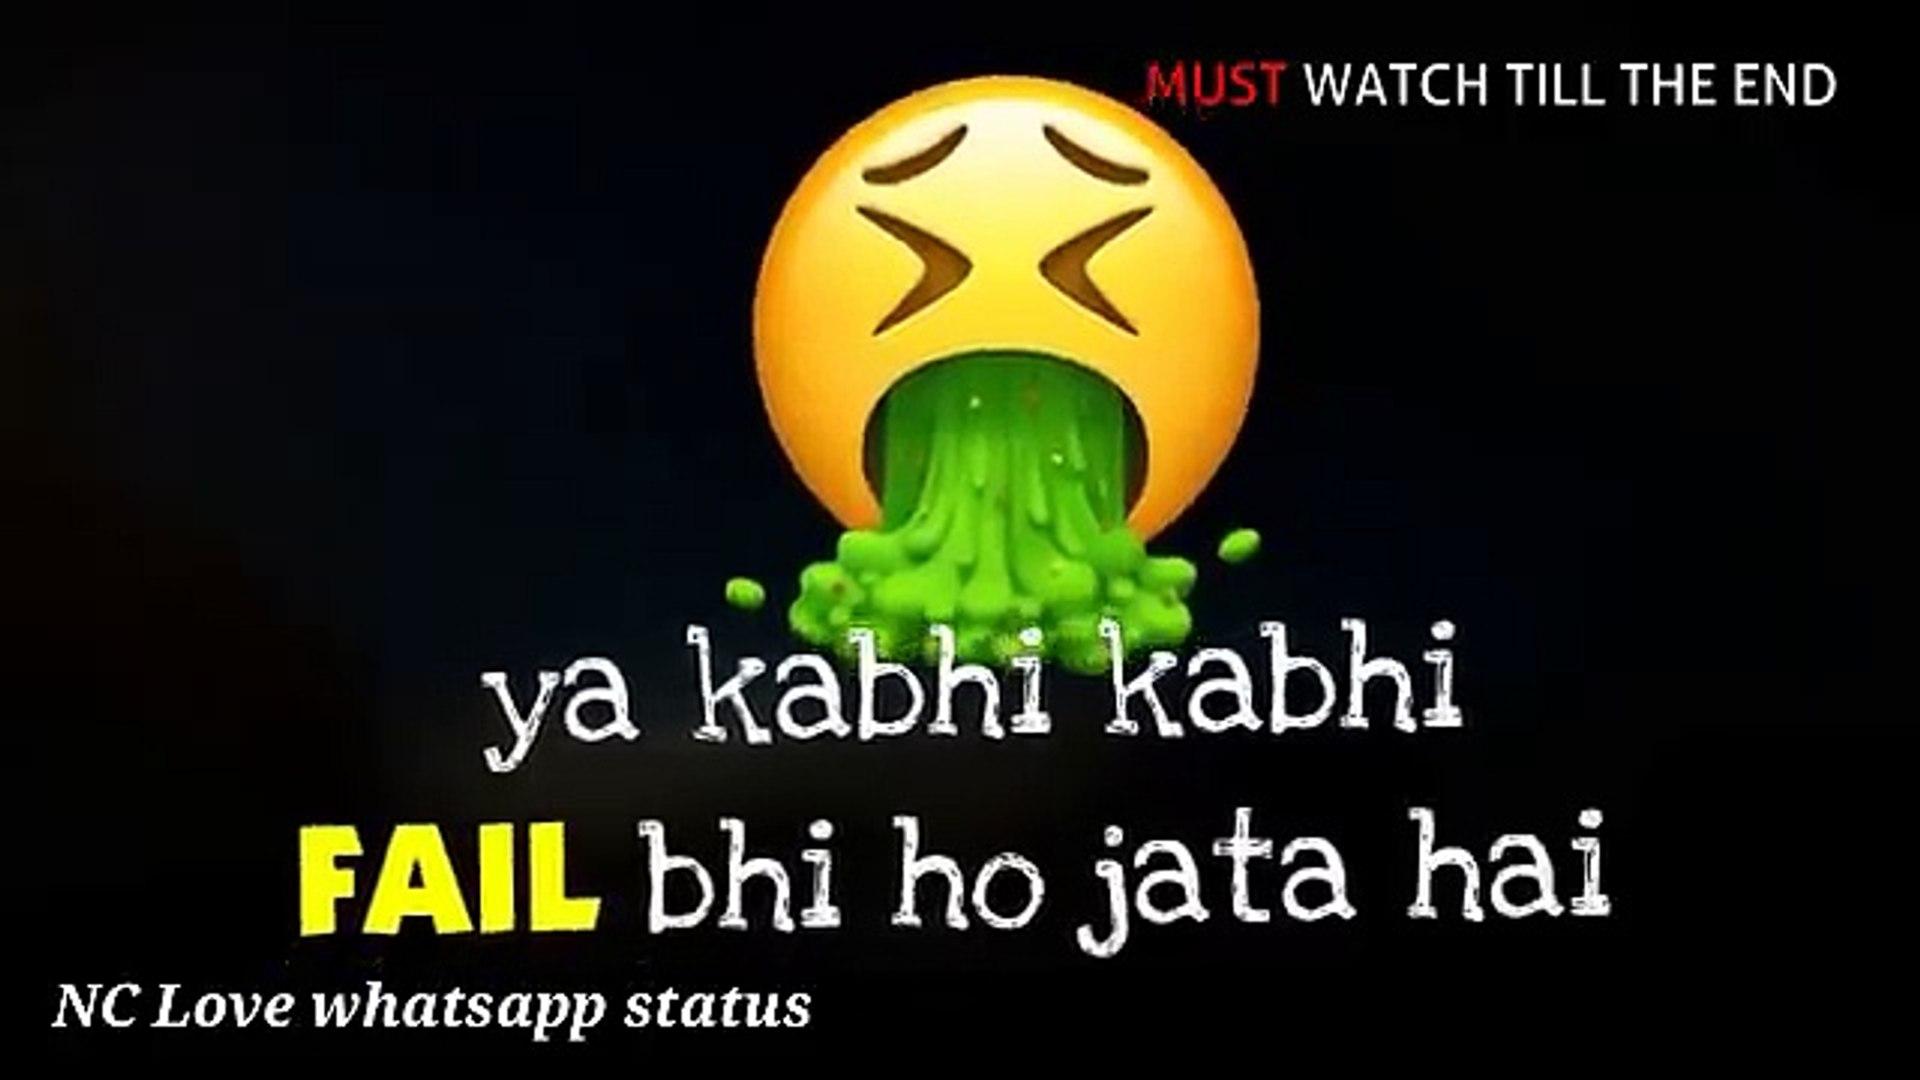 Exam Status For Whatsapp Exam Status For Whatsapp In Hindi Nc Love Whatsapp Status